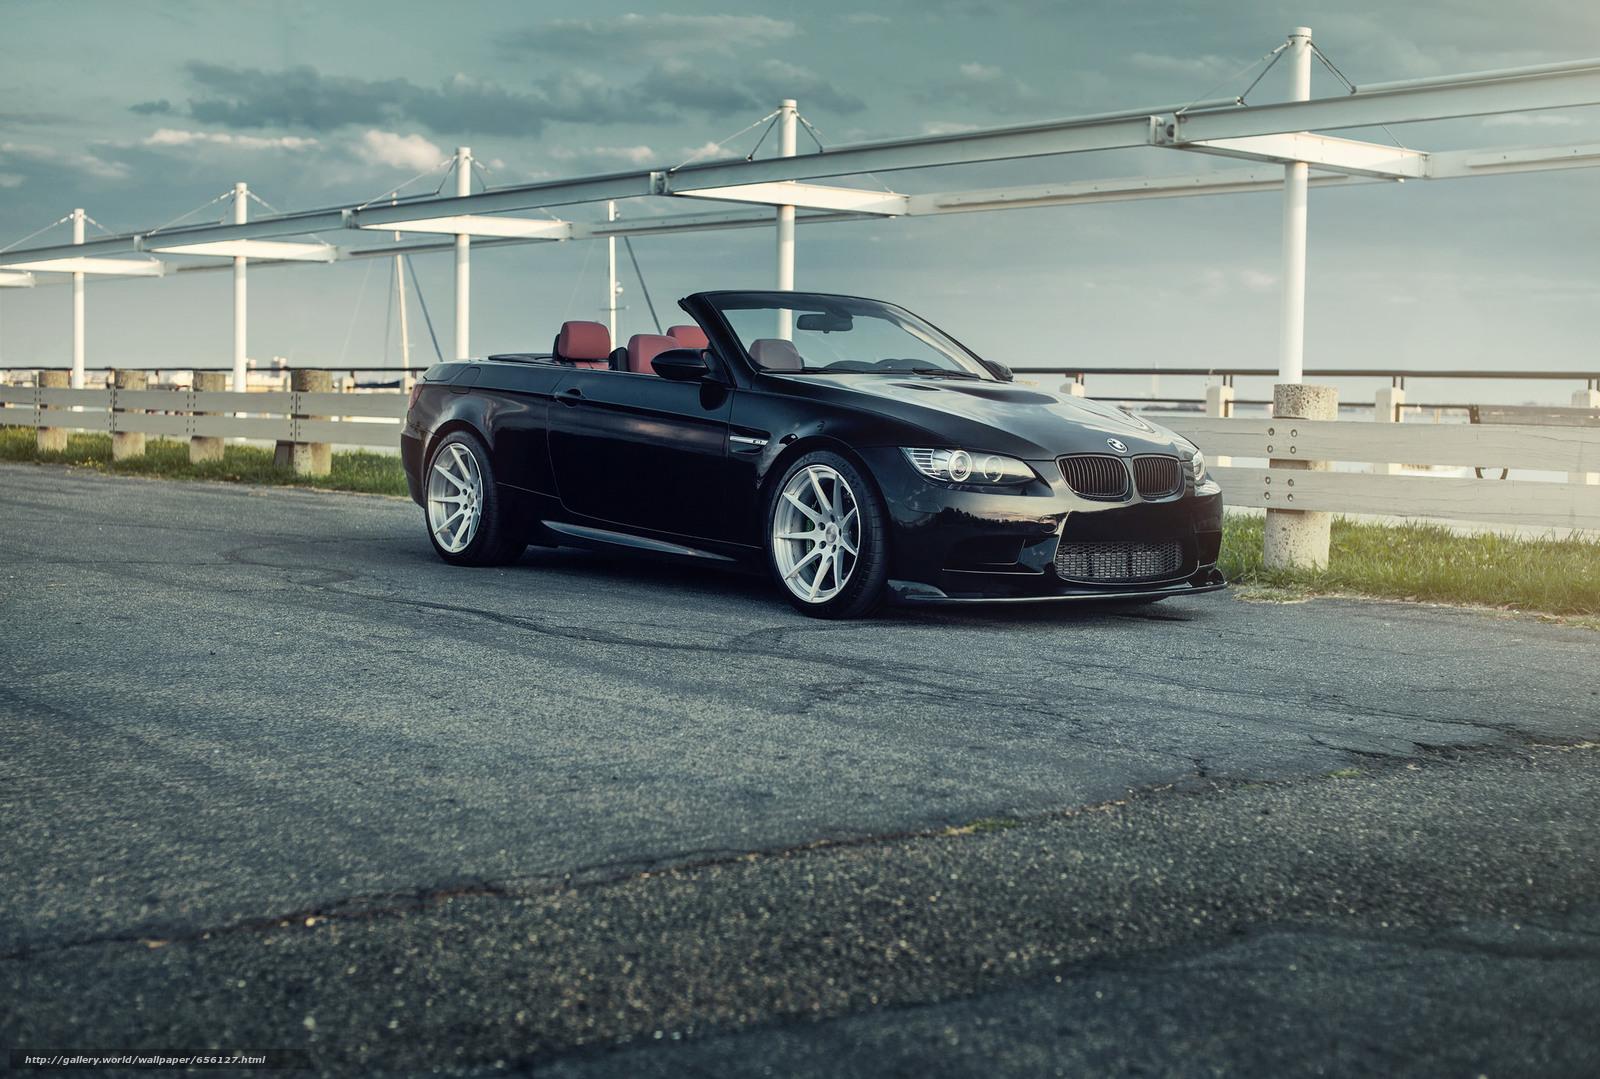 Tlcharger Fond d'ecran BMW,  Machine,  voiture Fonds d'ecran gratuits pour votre rsolution du bureau 2048x1381 — image №656127